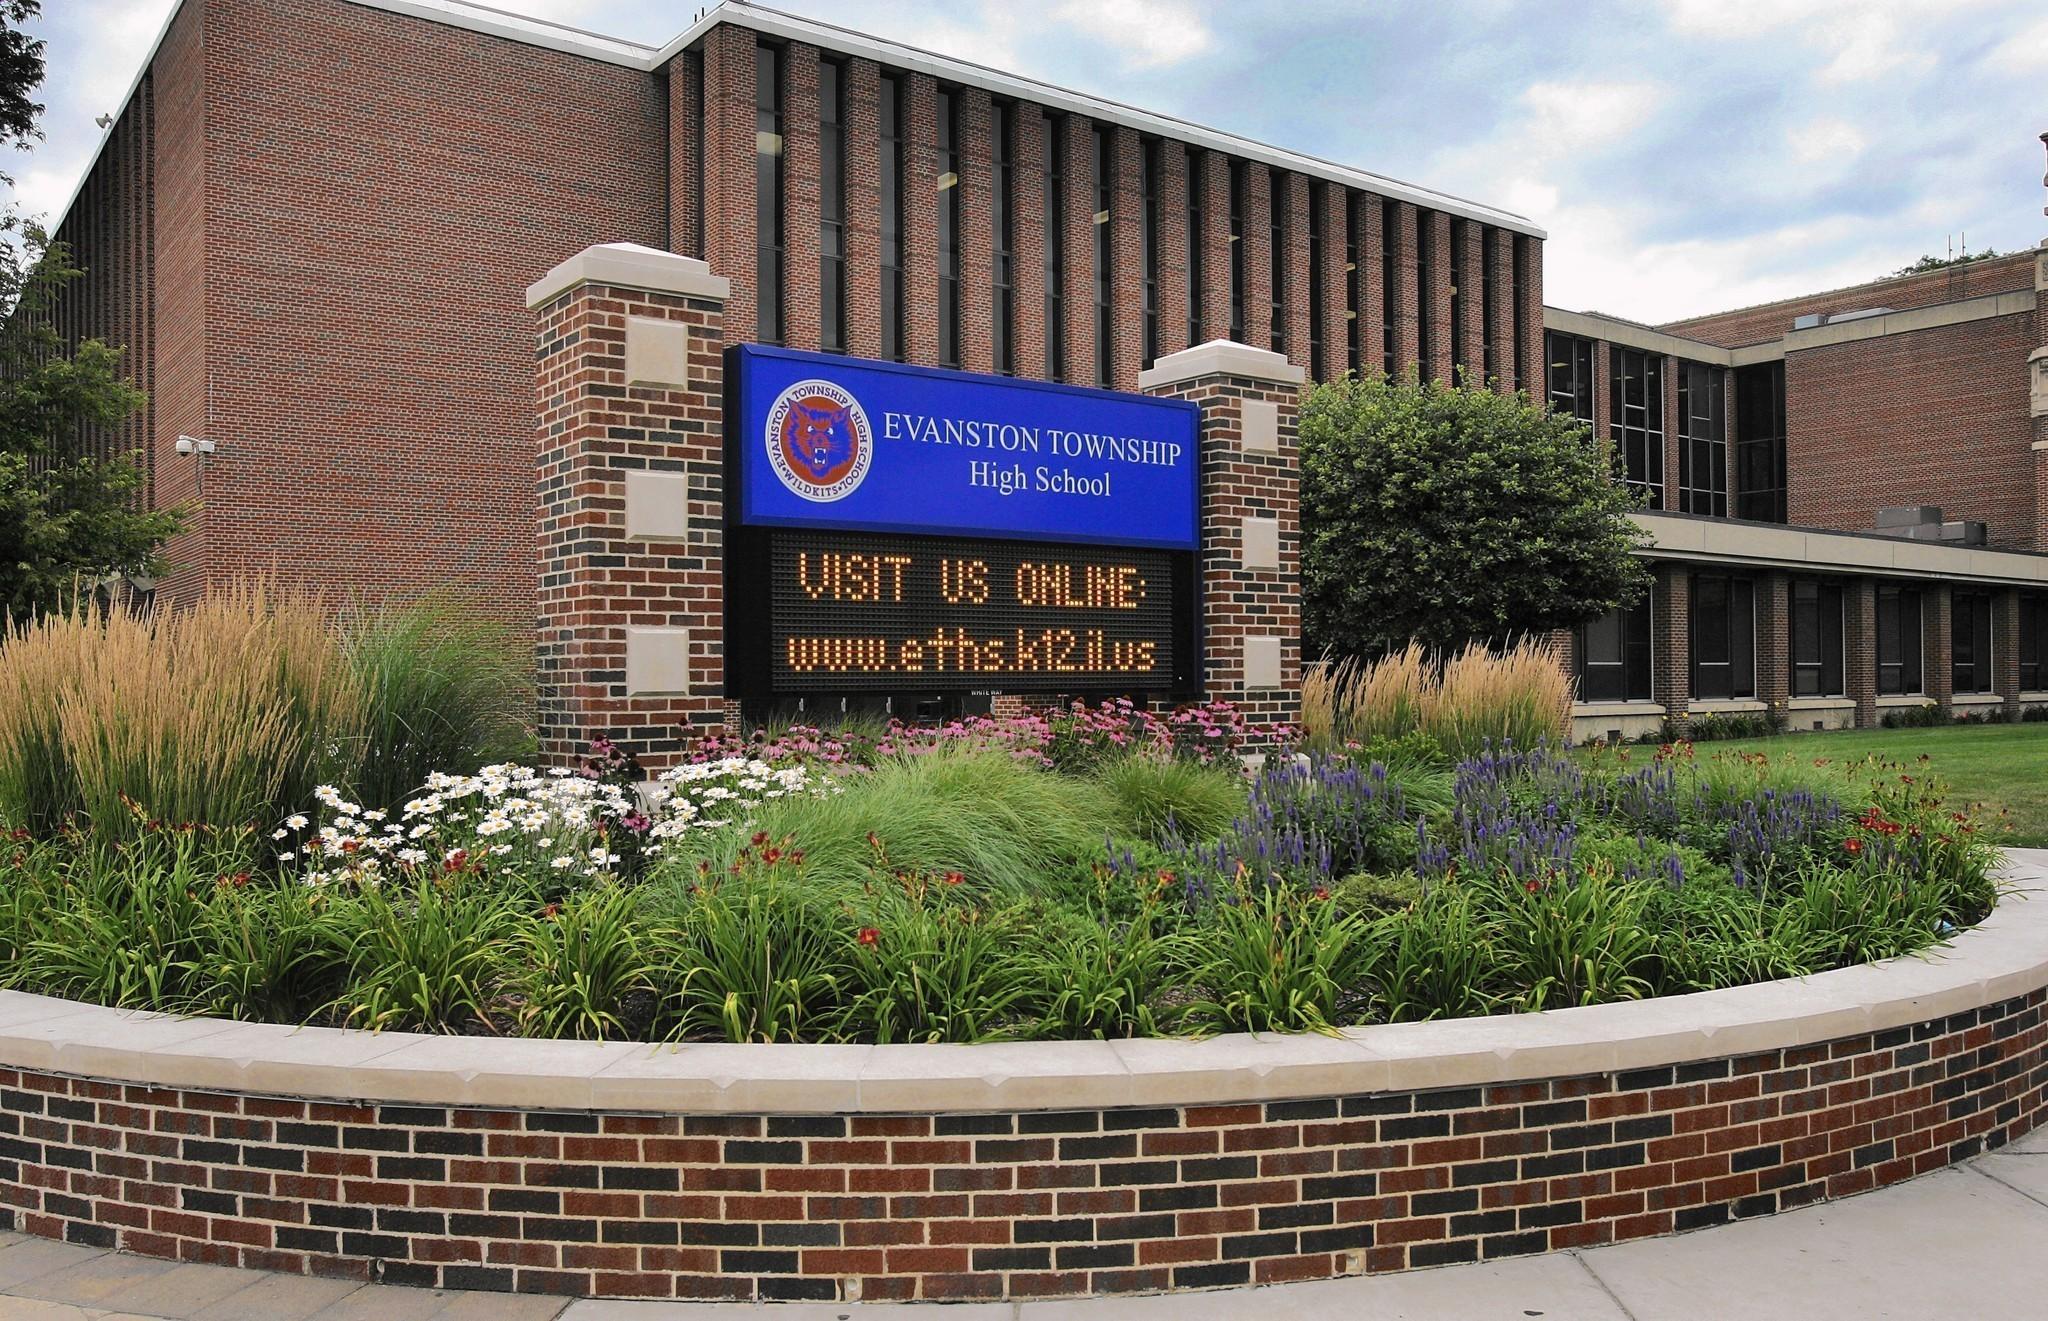 Były nauczyciel szkoły średniej z Evanston oskarżony o molestowanie seksualne uczniów